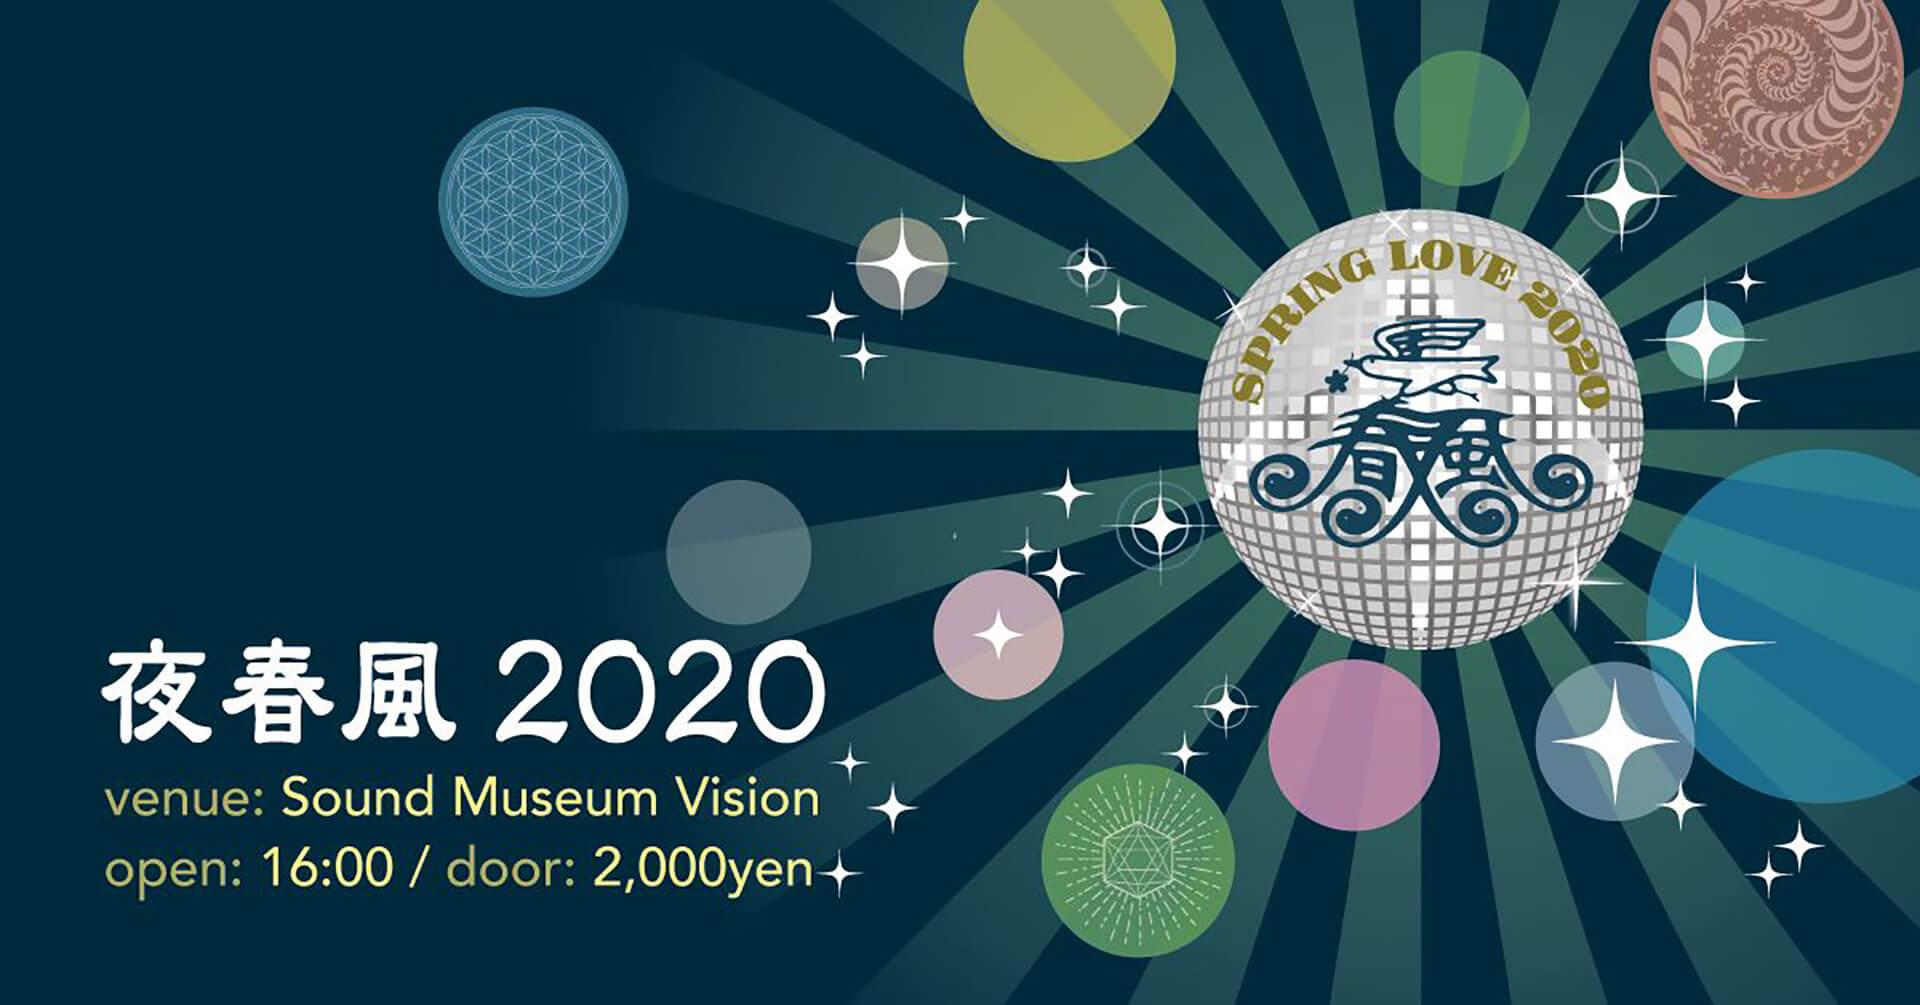 Spring Love 夜春風 2020バナー